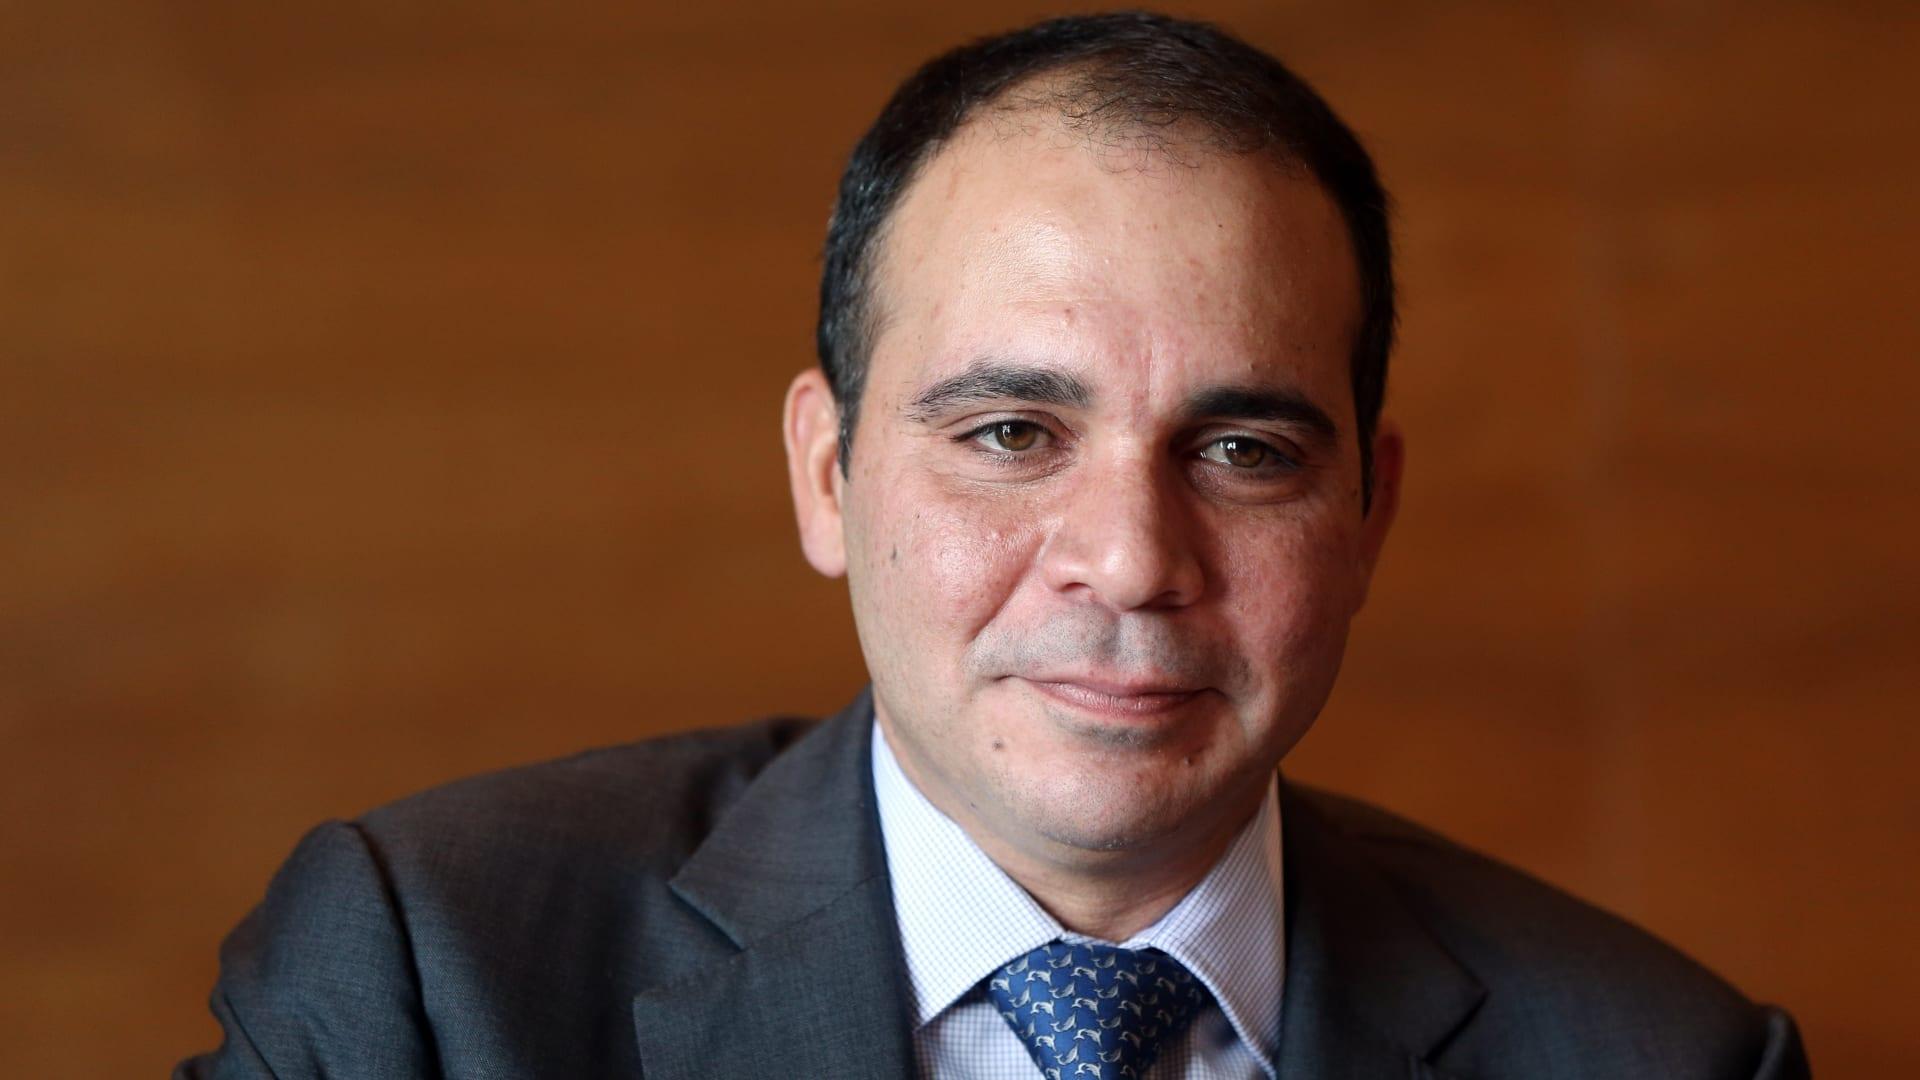 أمريكا وأستراليا تعلنان دعمهما للأمير علي بن الحسين في ترشحه لرئاسة الفيفا